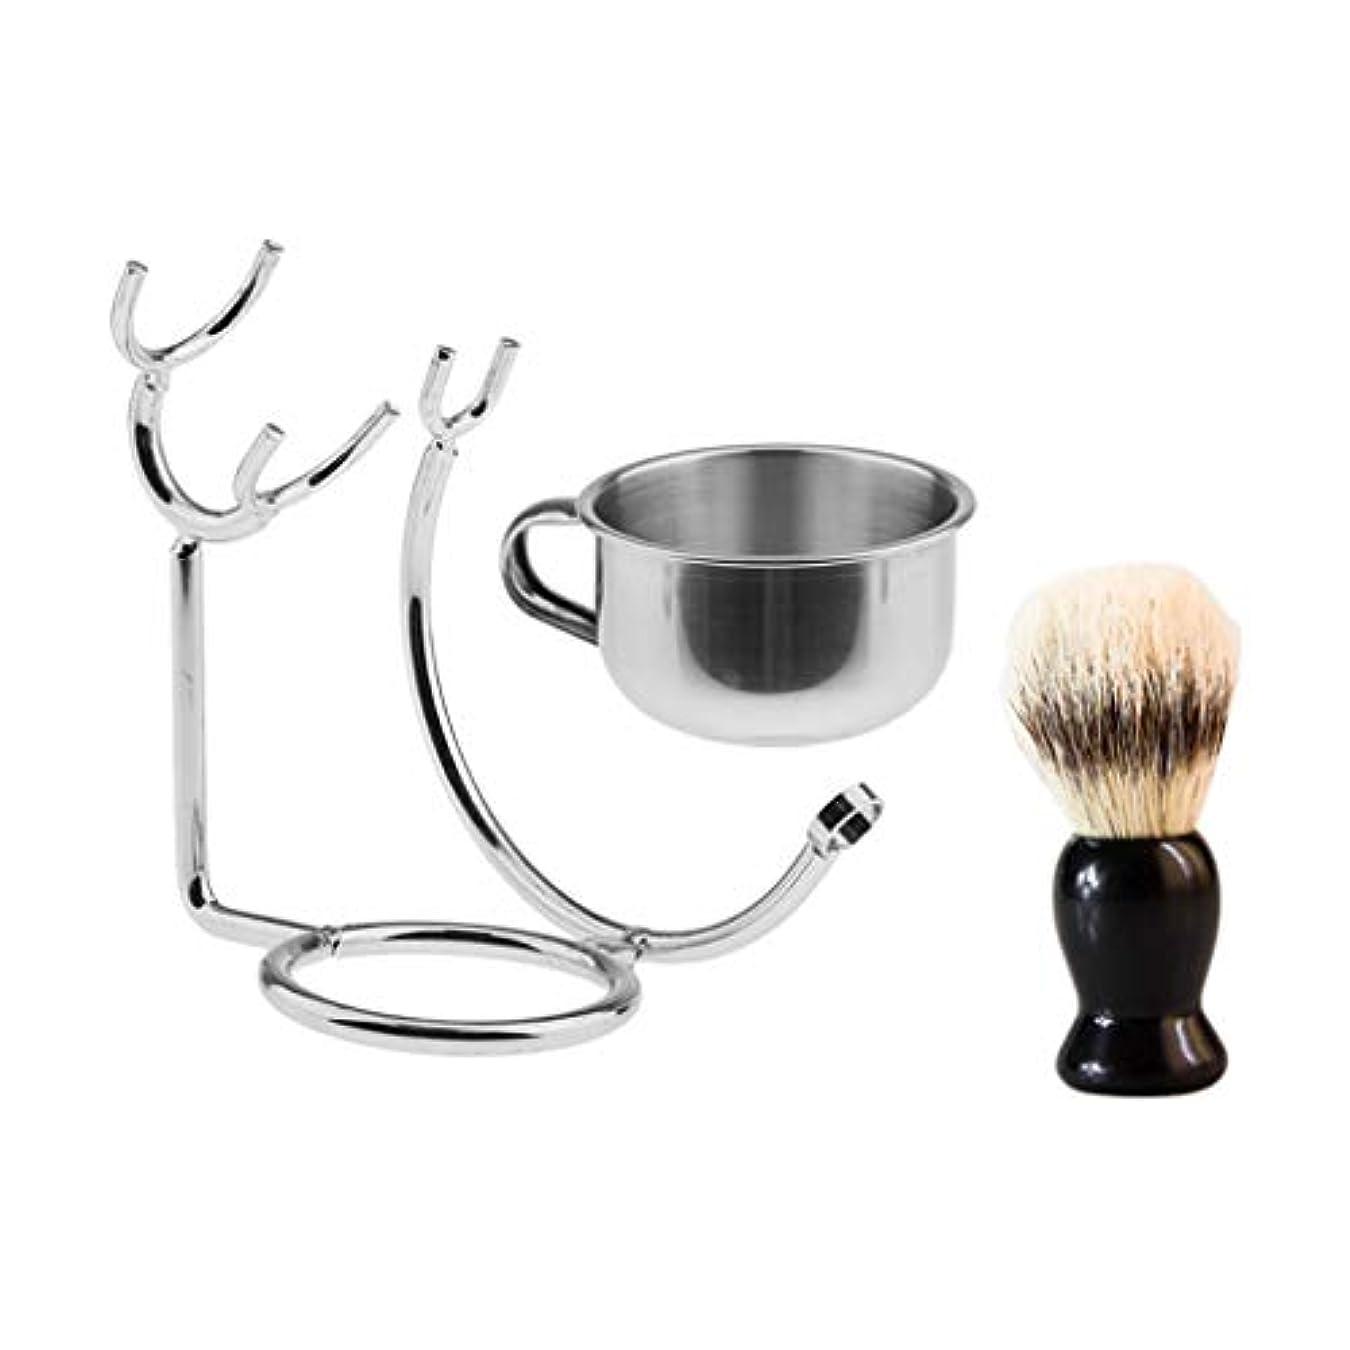 アナリスト悪性の運命的なPerfeclan シェービング用ブラシ ステンレスボウル/スタンド 理容 洗顔 髭剃り 男性用 洗面用品 3個入